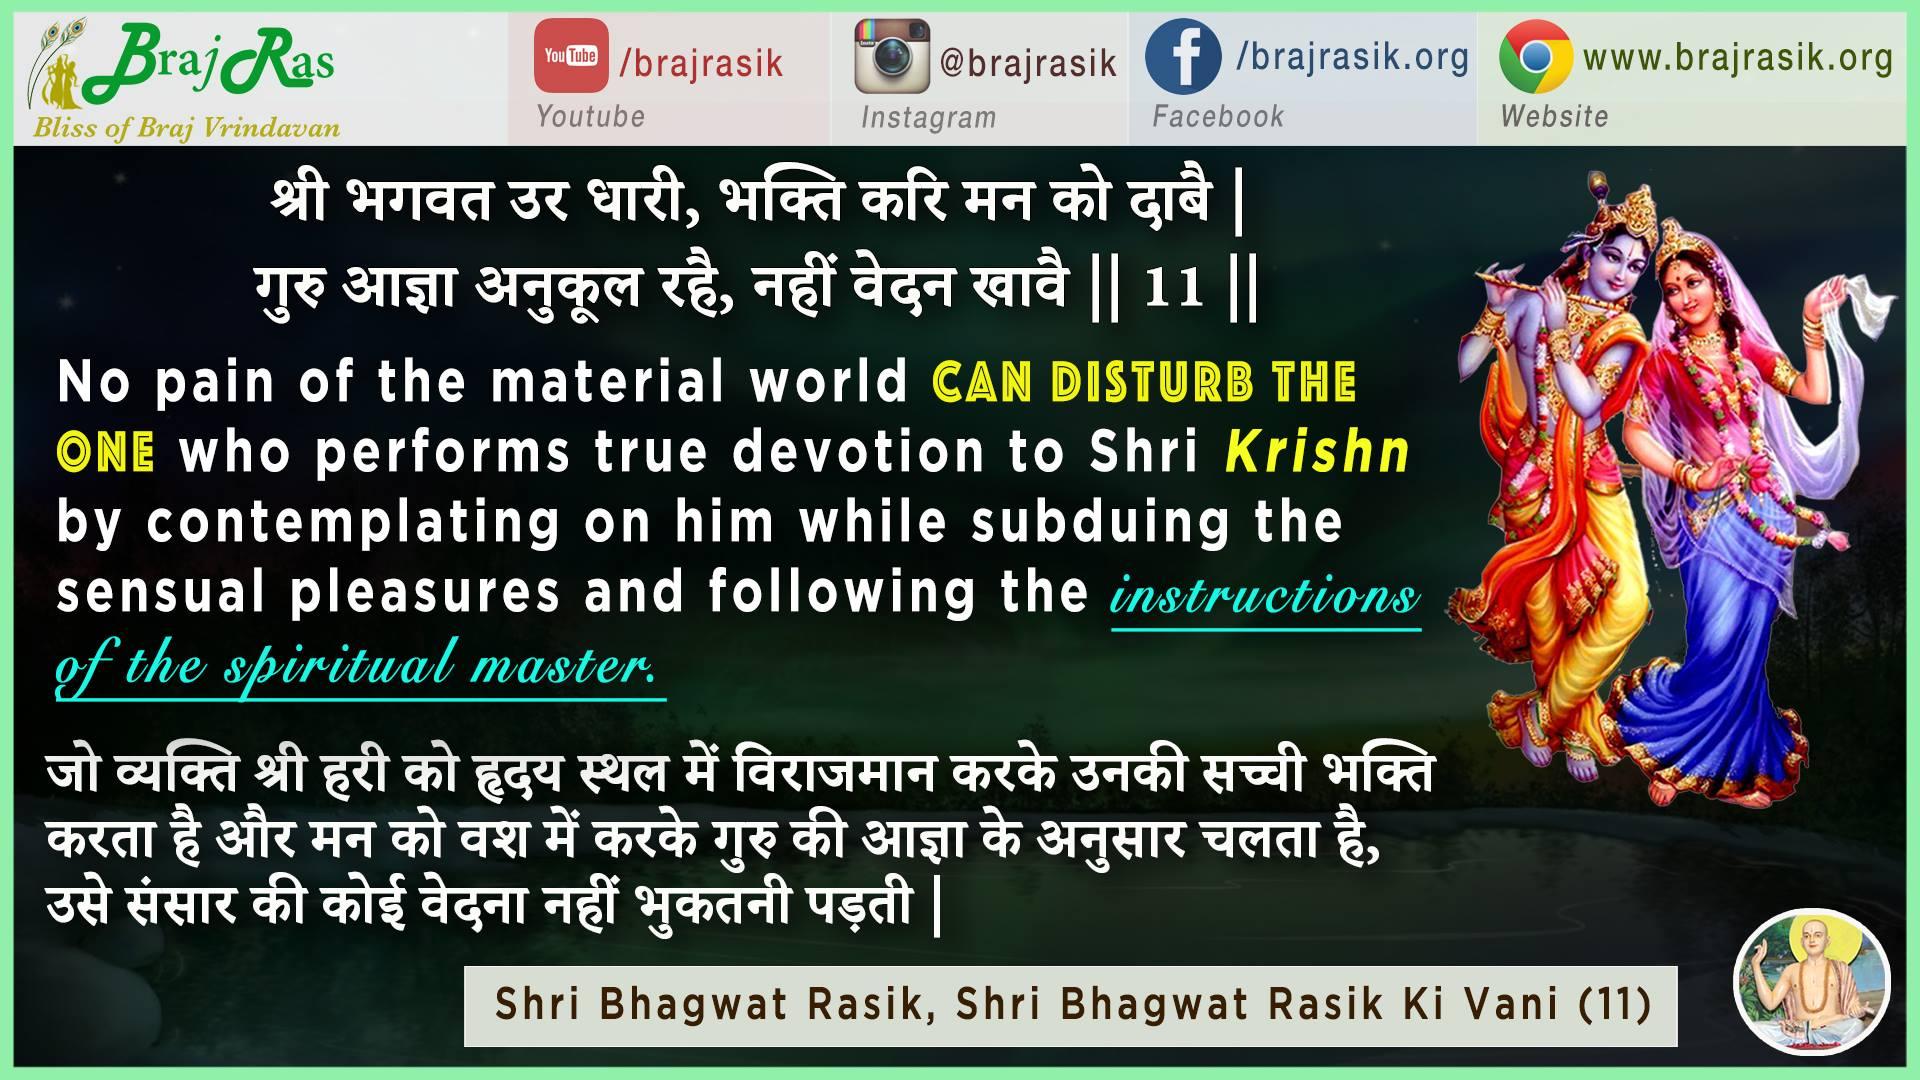 Shri Bhagwat Ura Dhari, Bhakti Kari Mana Ko Daabe - Shri Bhagwat Rasik, Bhagwat Rasik Ki Vani (11)